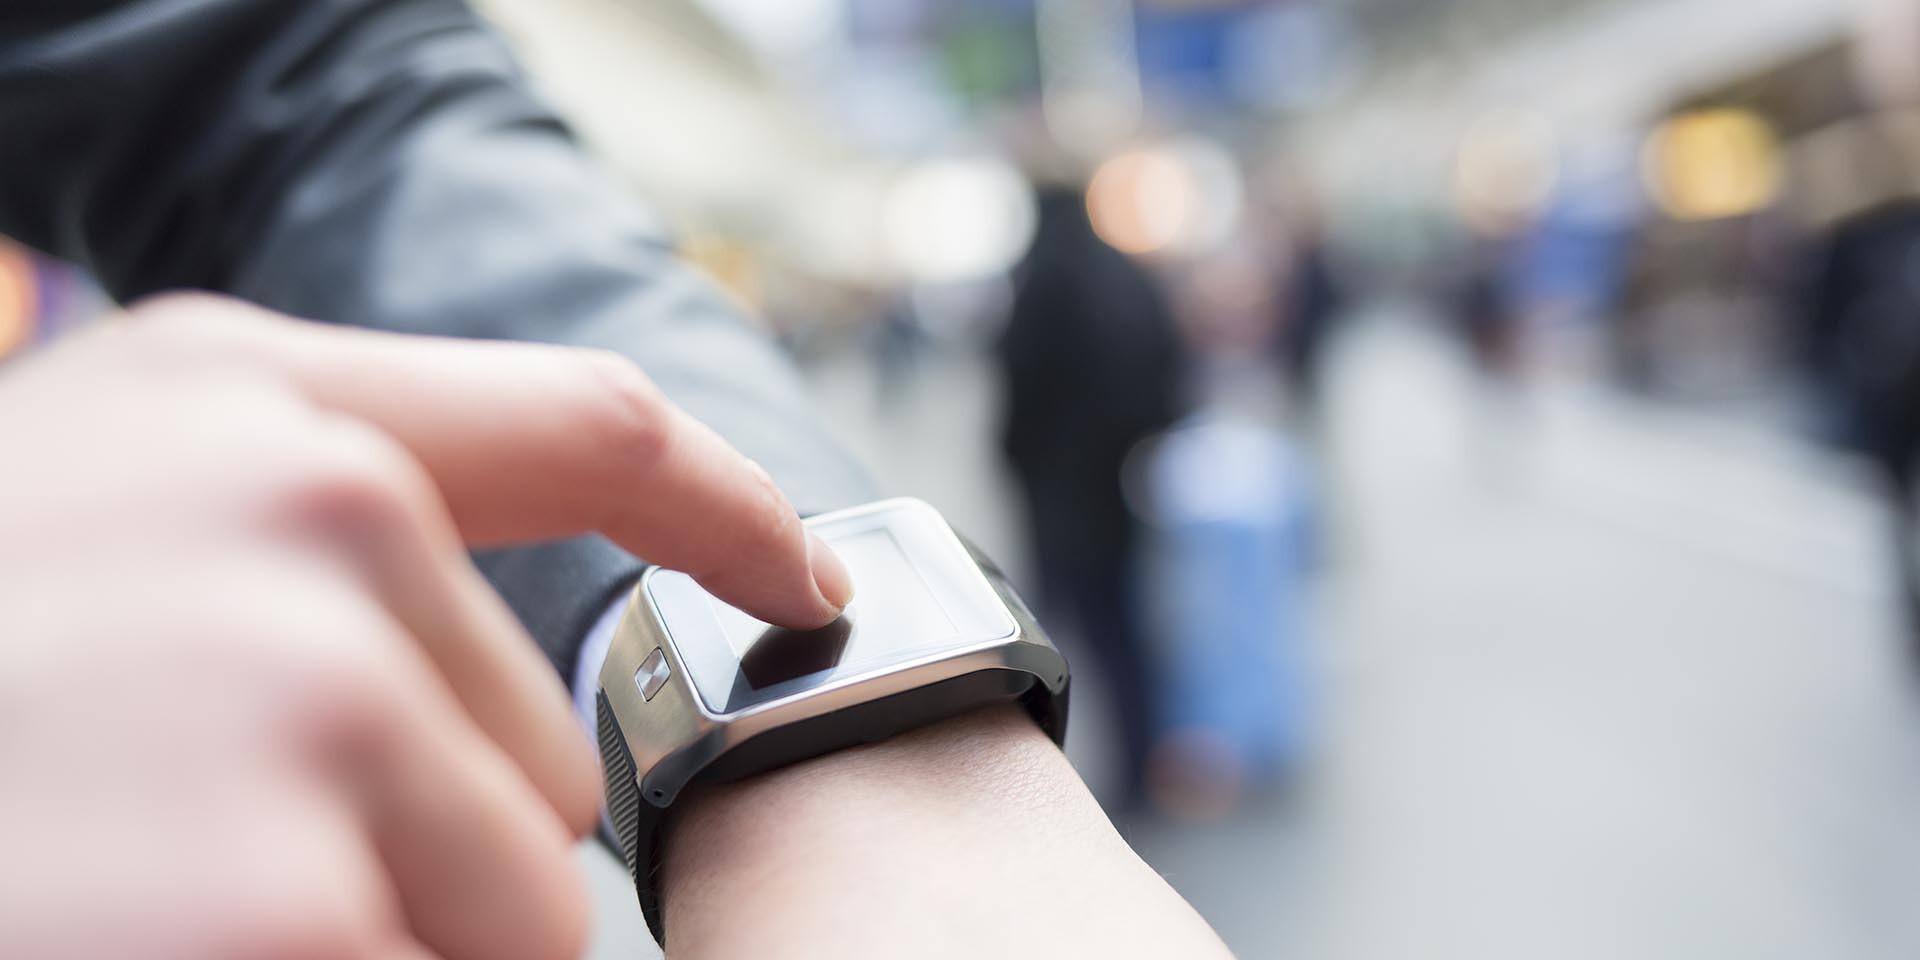 Inteligentné hodinky Smart Watch s možnosťou volania